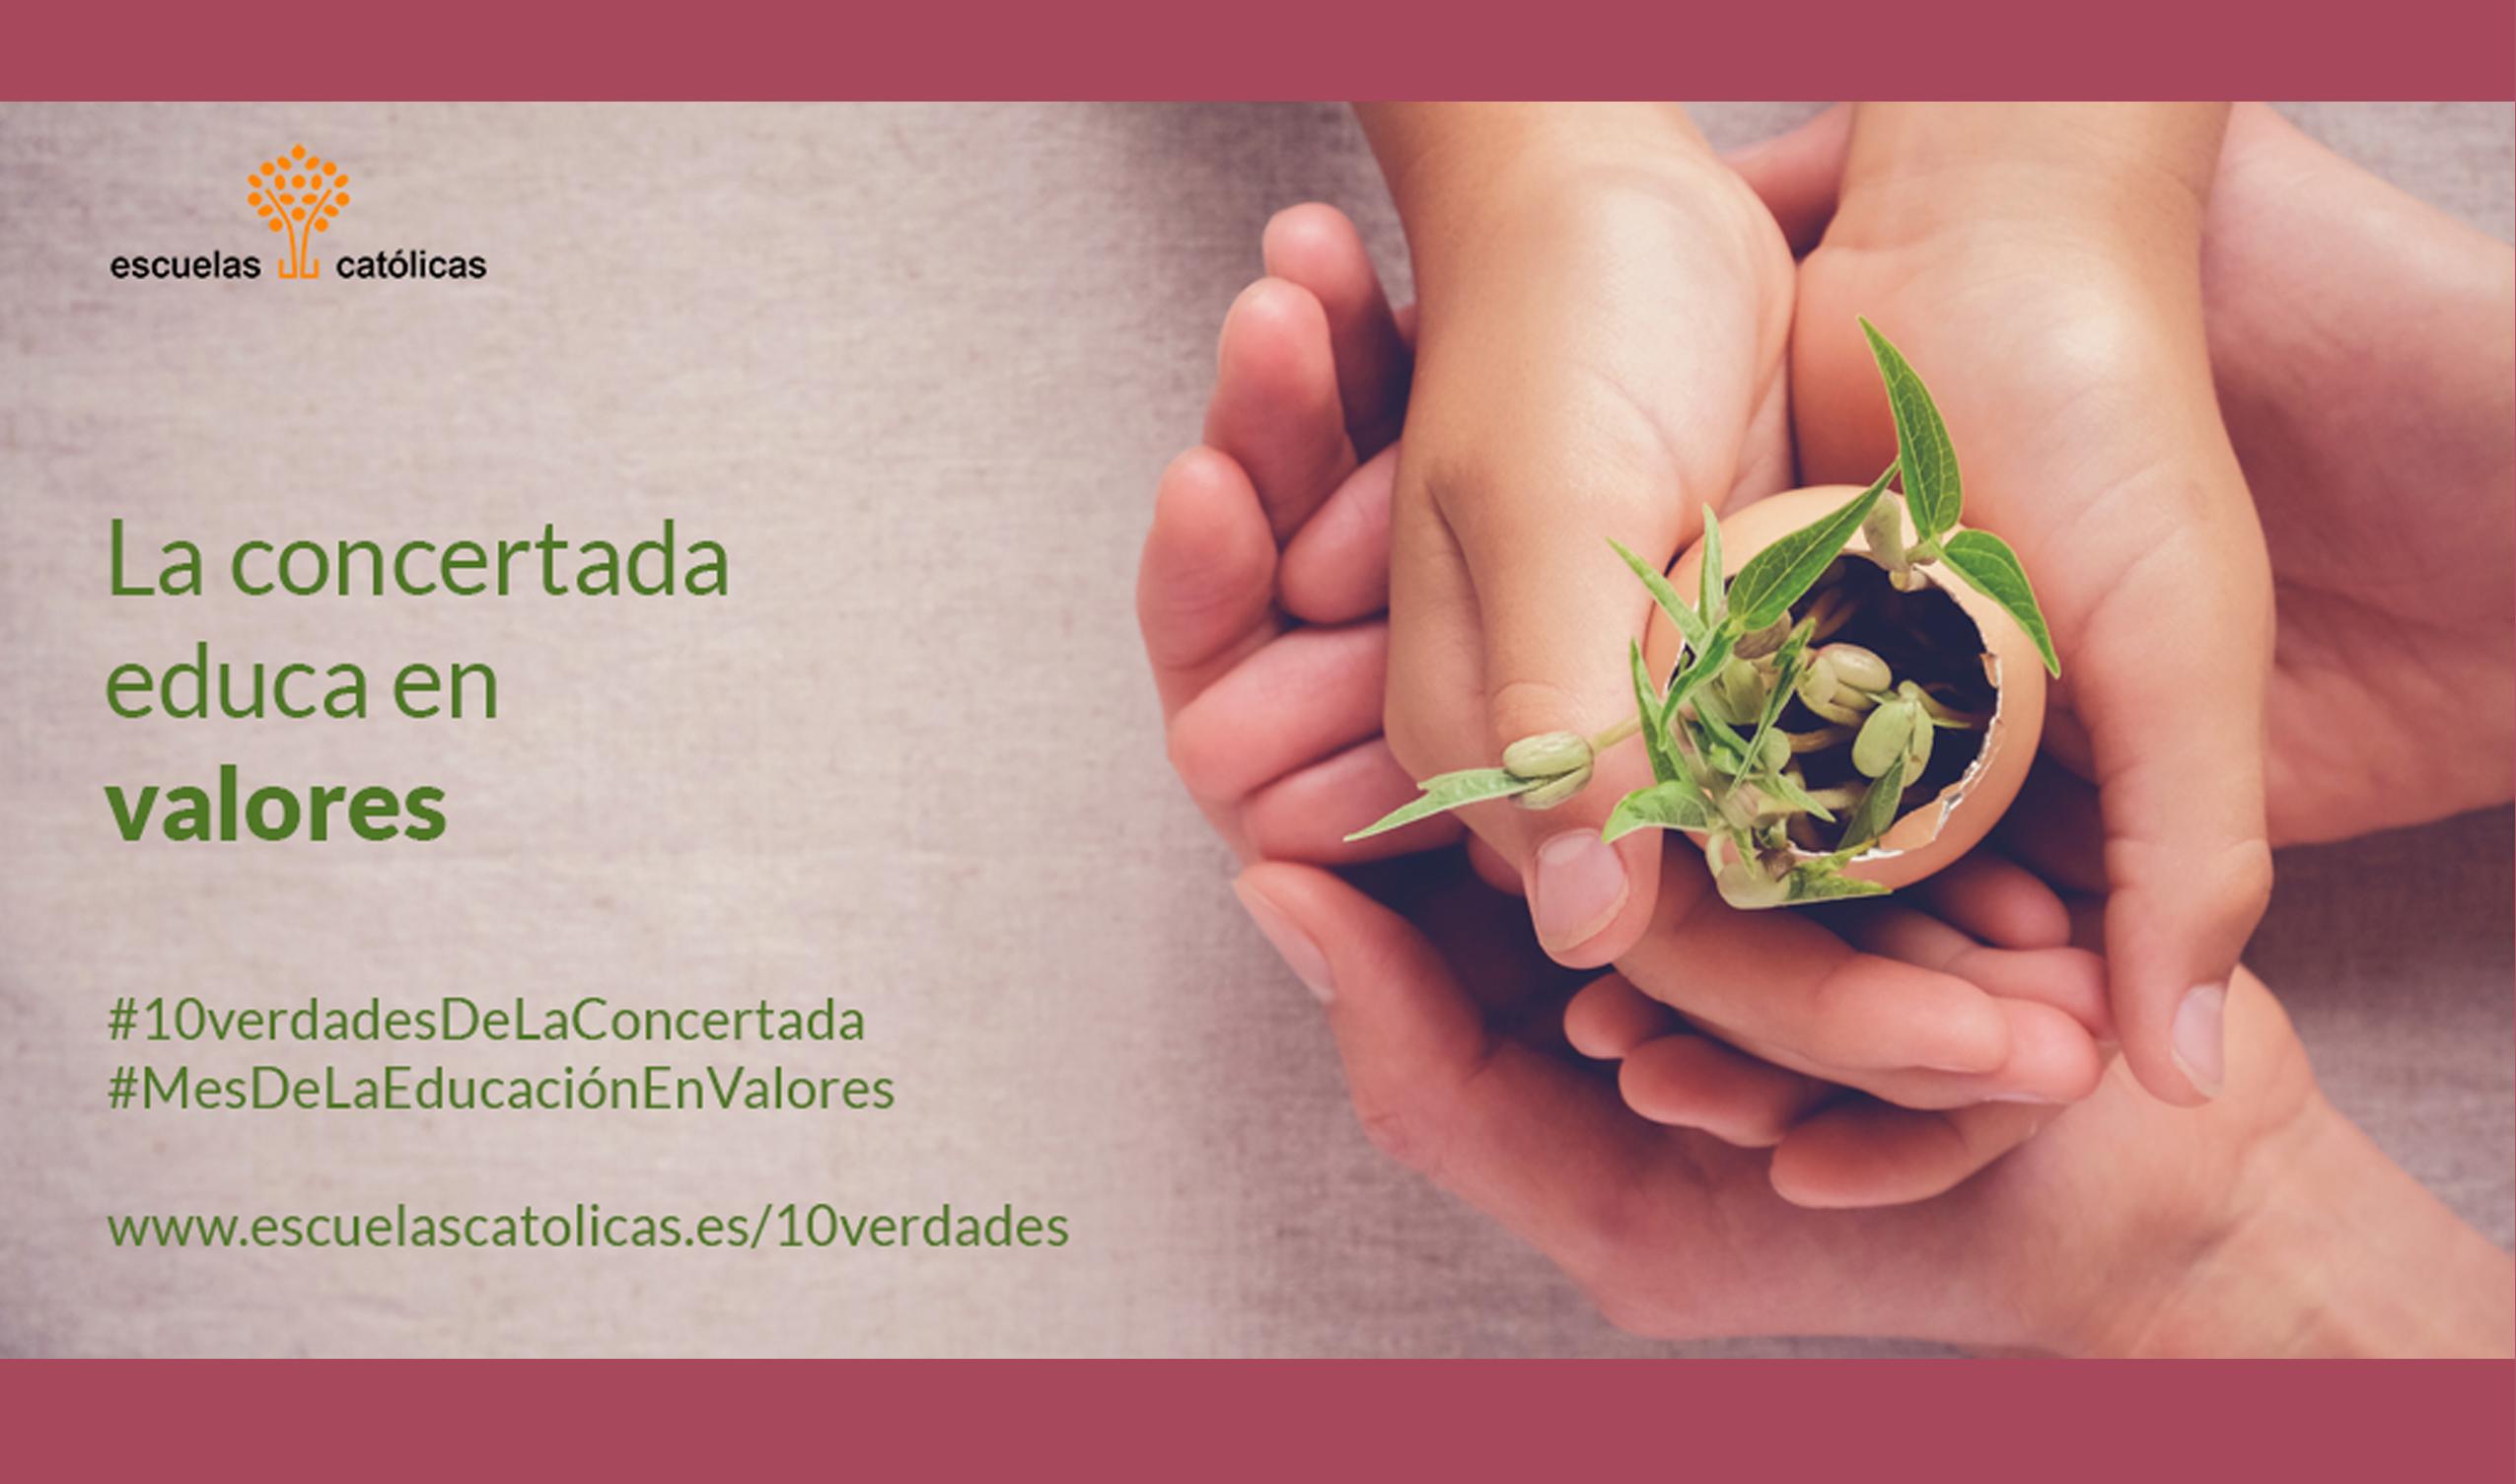 portada_concertada_enero_fefc_02_1200113